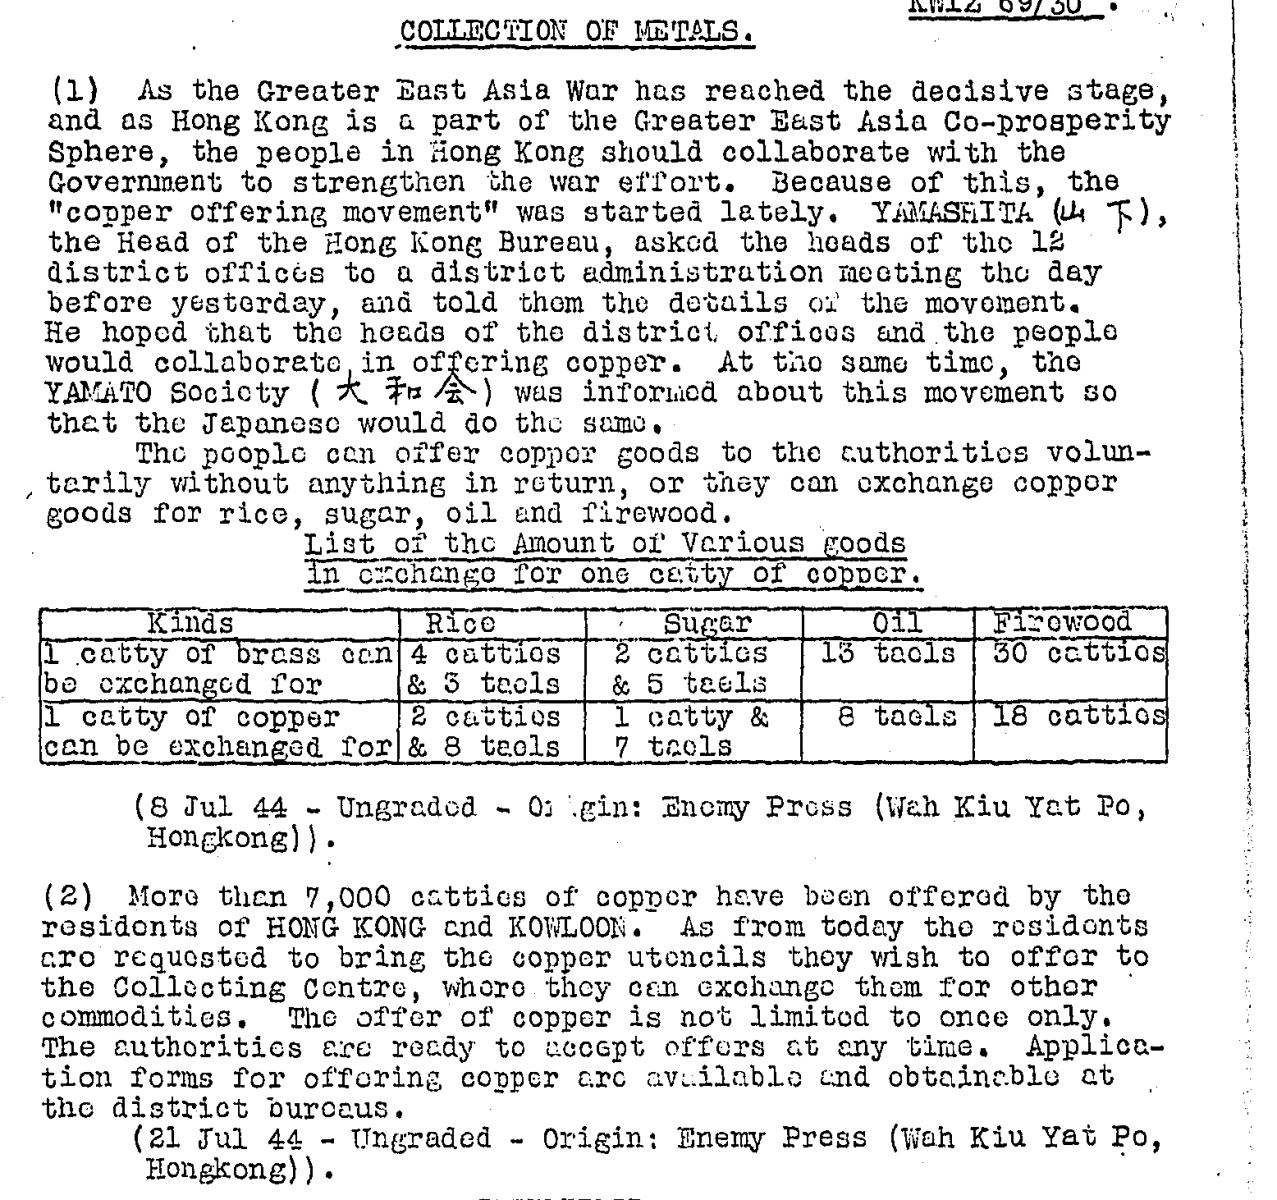 BAAG Report KWIZ #69 6.10.44